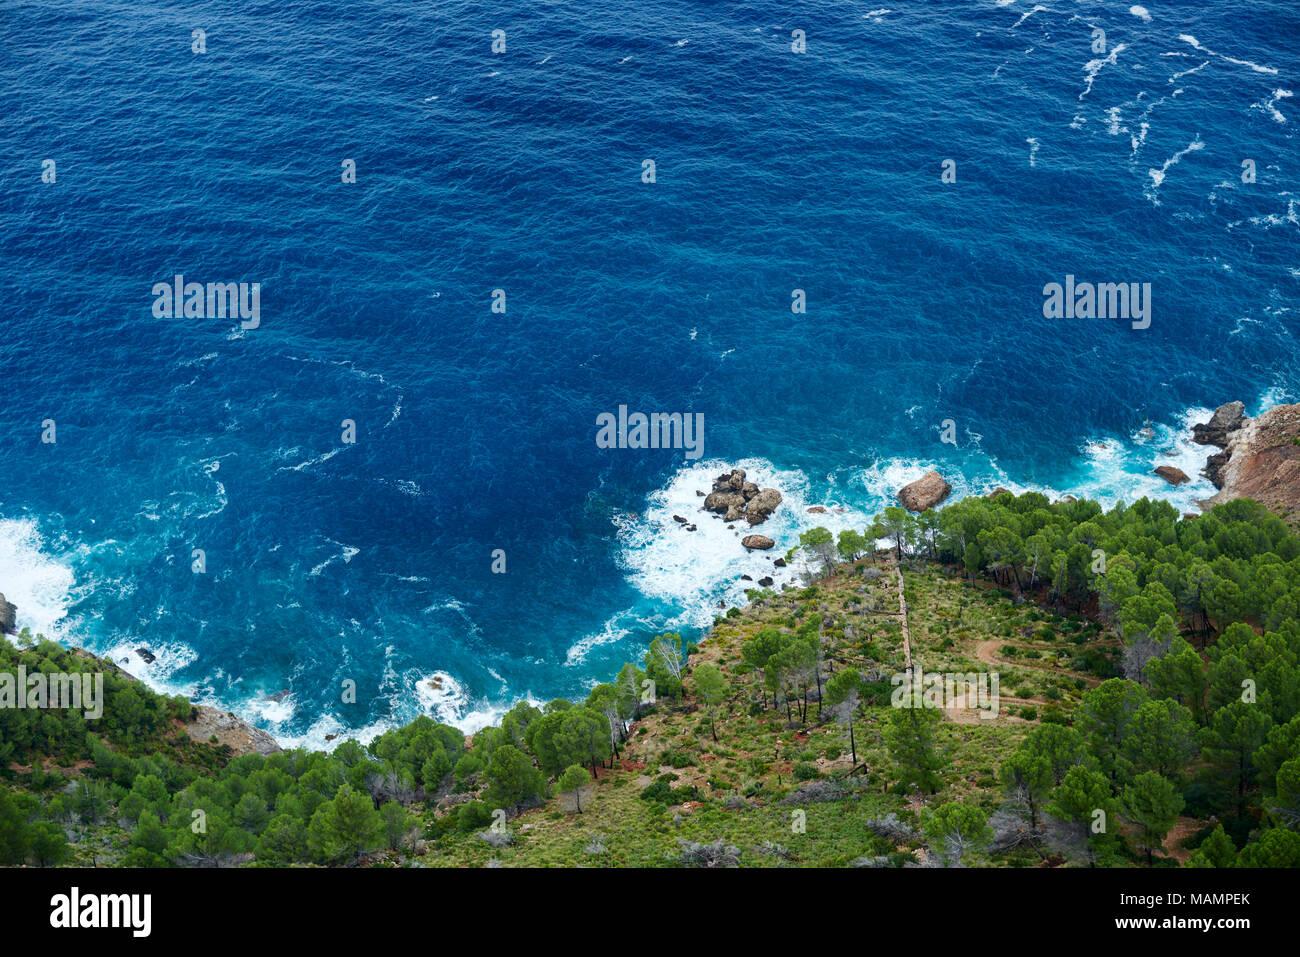 Aussicht auf das Mittelmeer - Stock Image